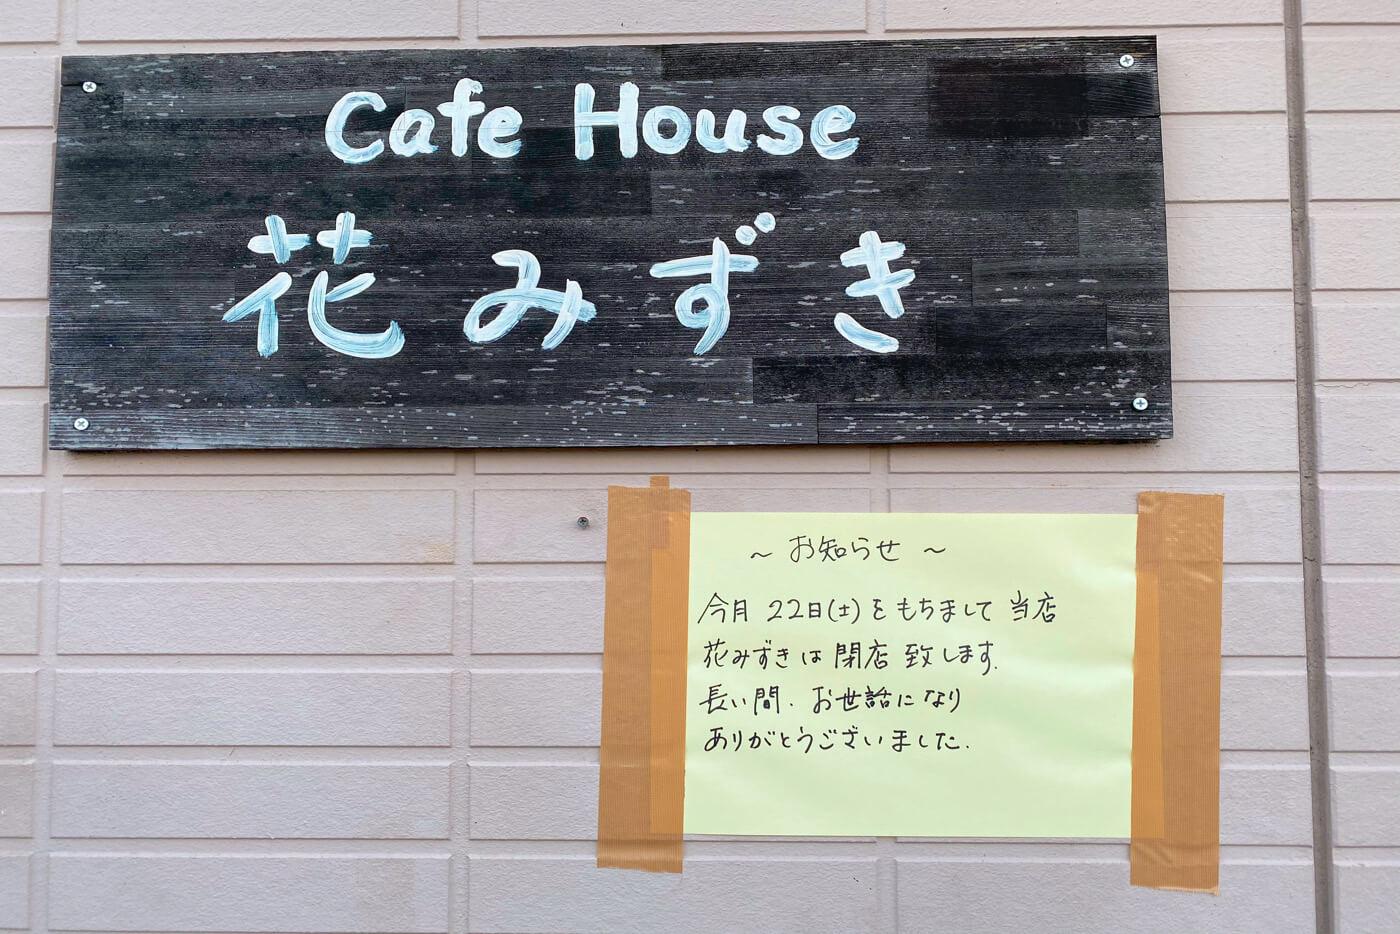 高知市桟橋通4丁目 花みずきの店先に貼られた閉店のお知らせ